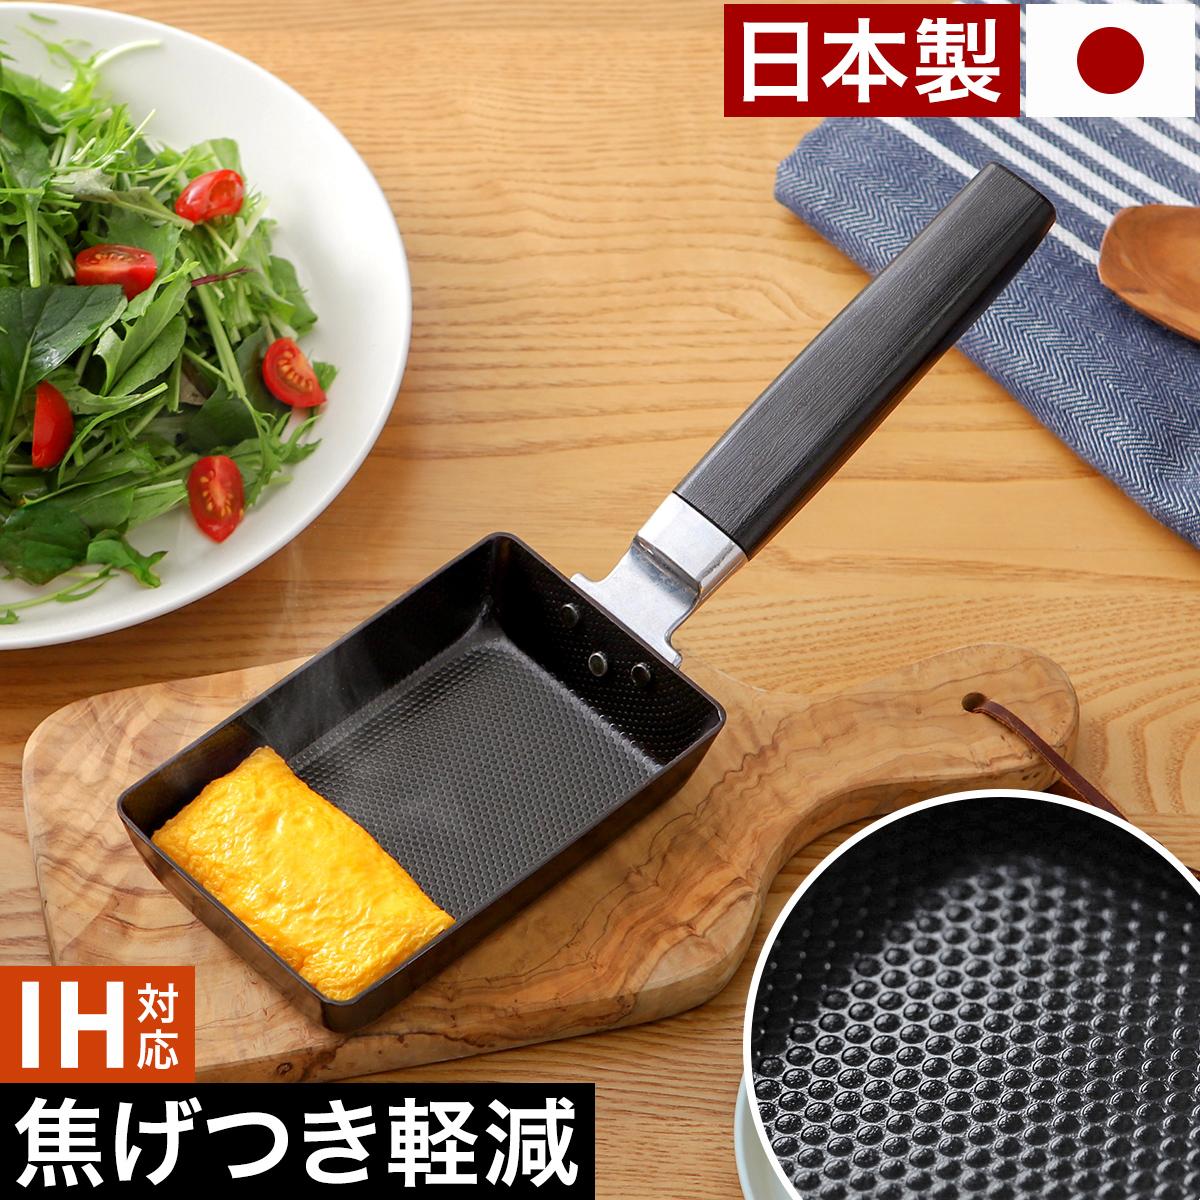 朝食やお弁当のおかず作りに 玉子1個から作れる小型の卵焼き器 油なじみがよい独自のエンボス加工で卵焼きがこびりつきにくい IH対応でガス火を始めほぼ全ての熱源で使えます フライングソーサー 卵一個 卵焼き フライパン くっつかない 日本製 鉄 エンボス加工 卵焼き機 卵1個 燕三条 日本製 IH 玉子焼きフライパン 焦げ付かない 送料無料 エッグパン 卵焼き器 ケーキ 一人暮らし 鉄エンボス オール熱源 ミニ玉子焼き器 Flying マーケット Saucer